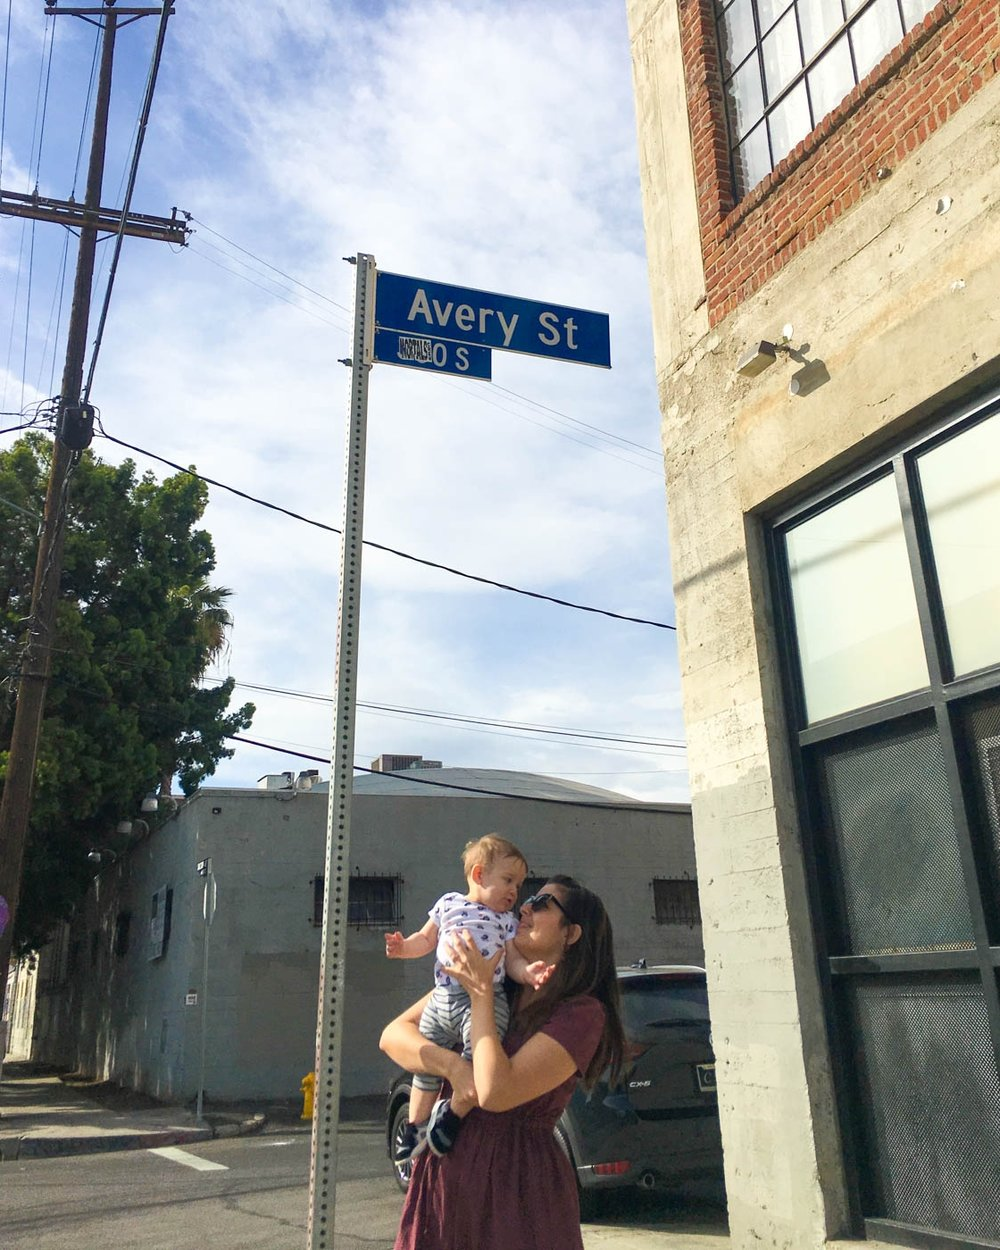 Avery St. Downtown LA